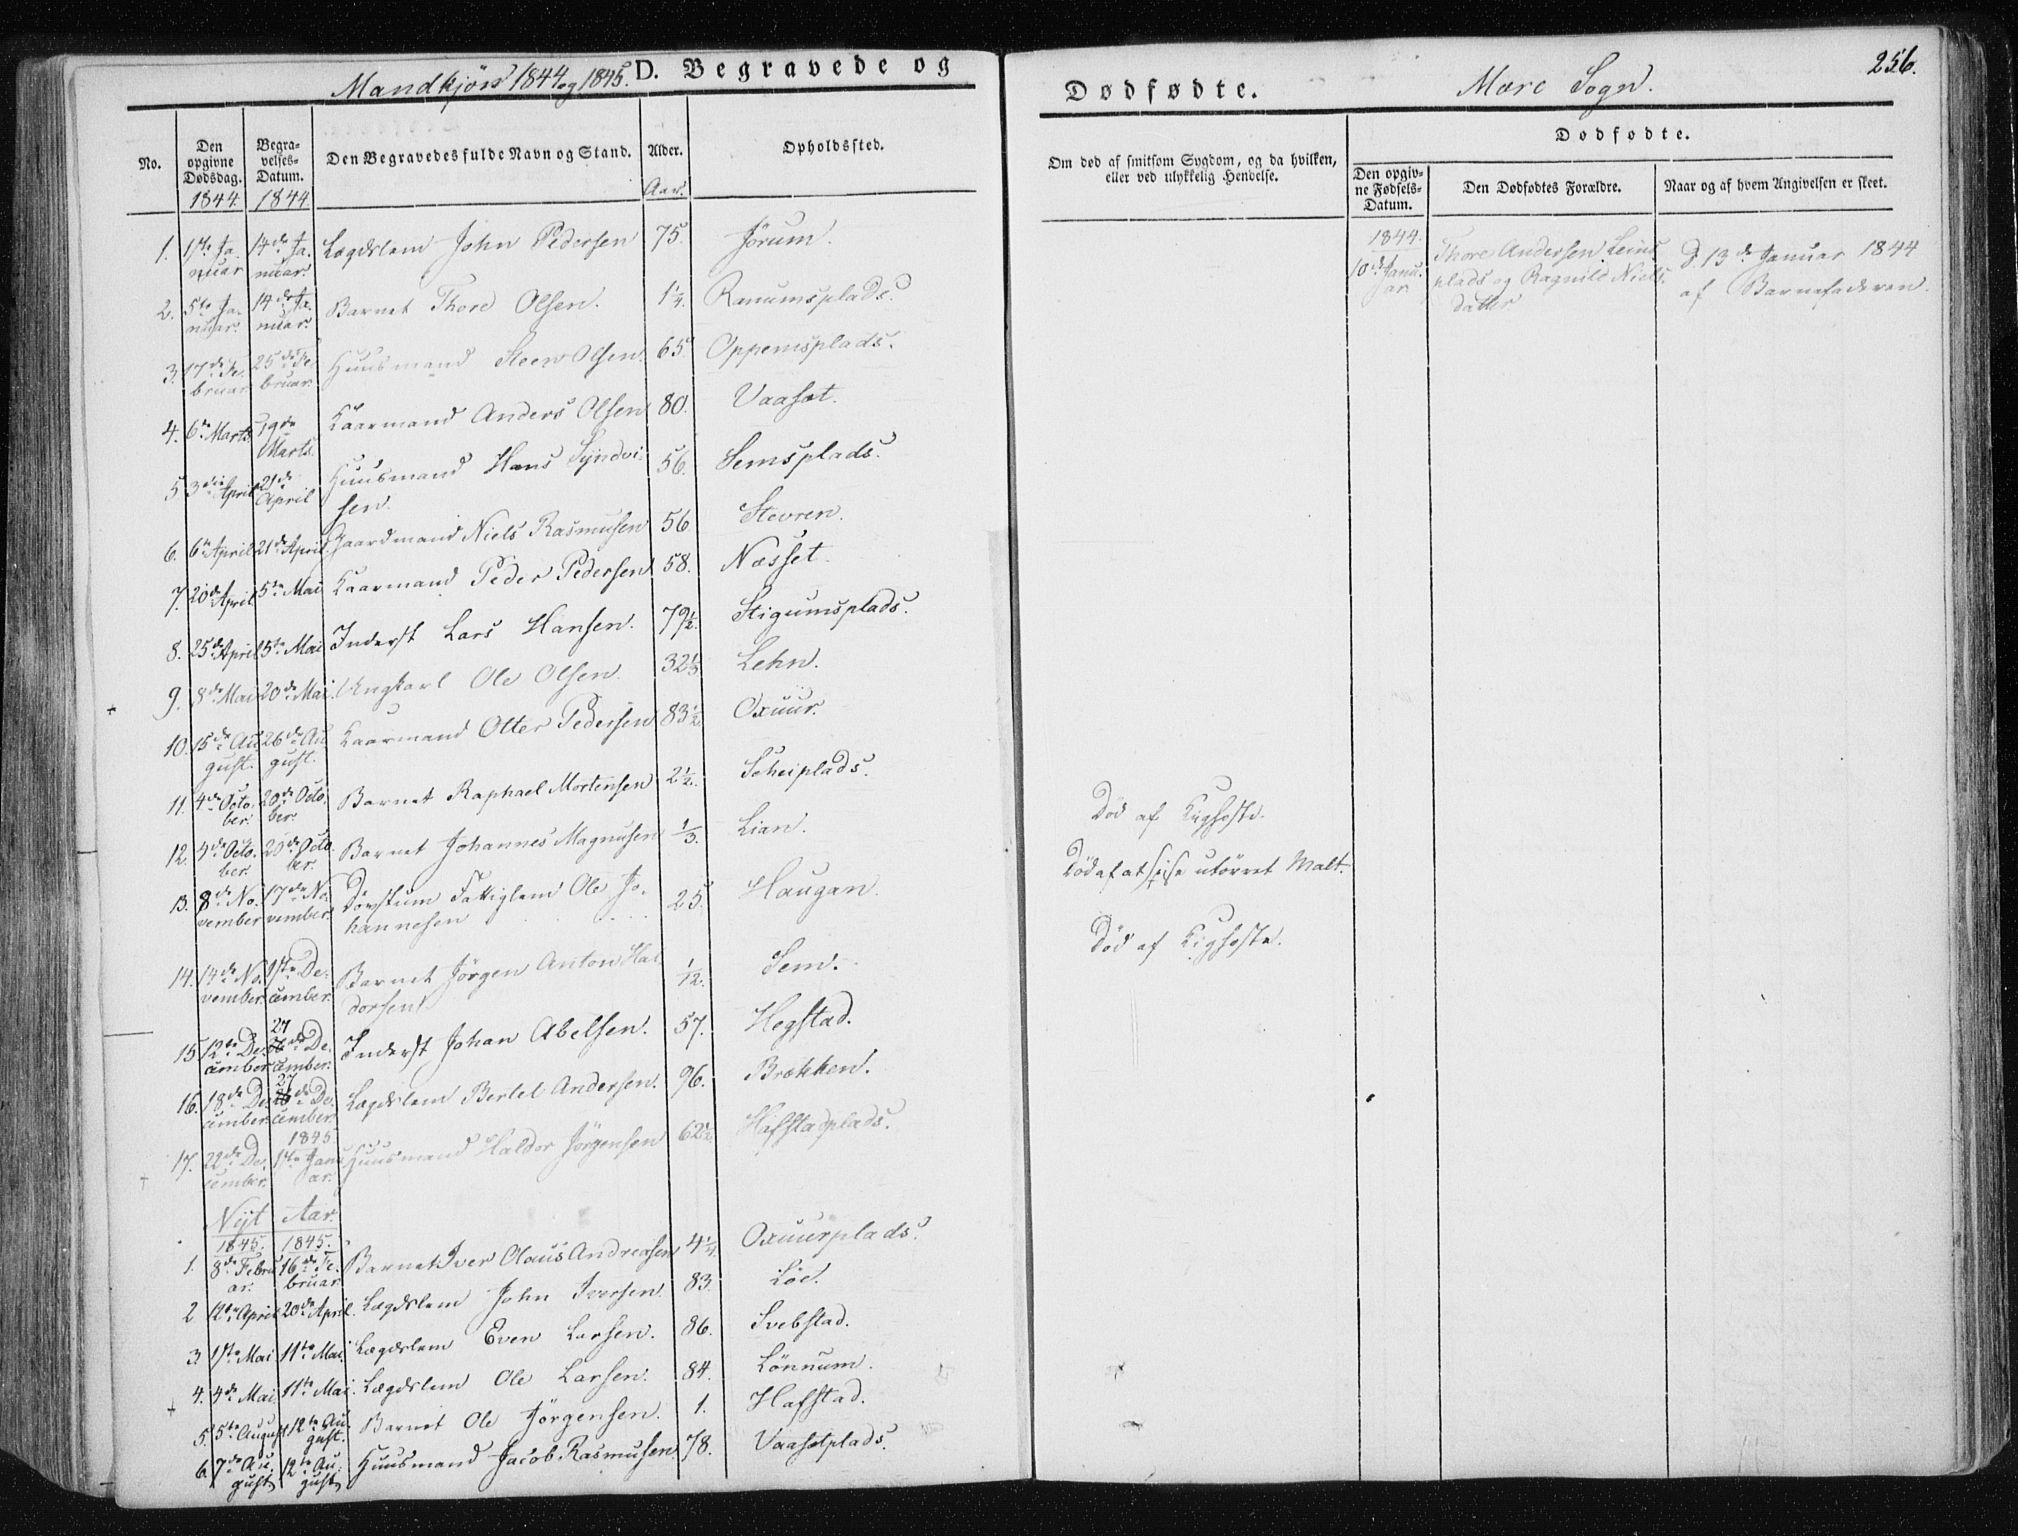 SAT, Ministerialprotokoller, klokkerbøker og fødselsregistre - Nord-Trøndelag, 735/L0339: Ministerialbok nr. 735A06 /1, 1836-1848, s. 256